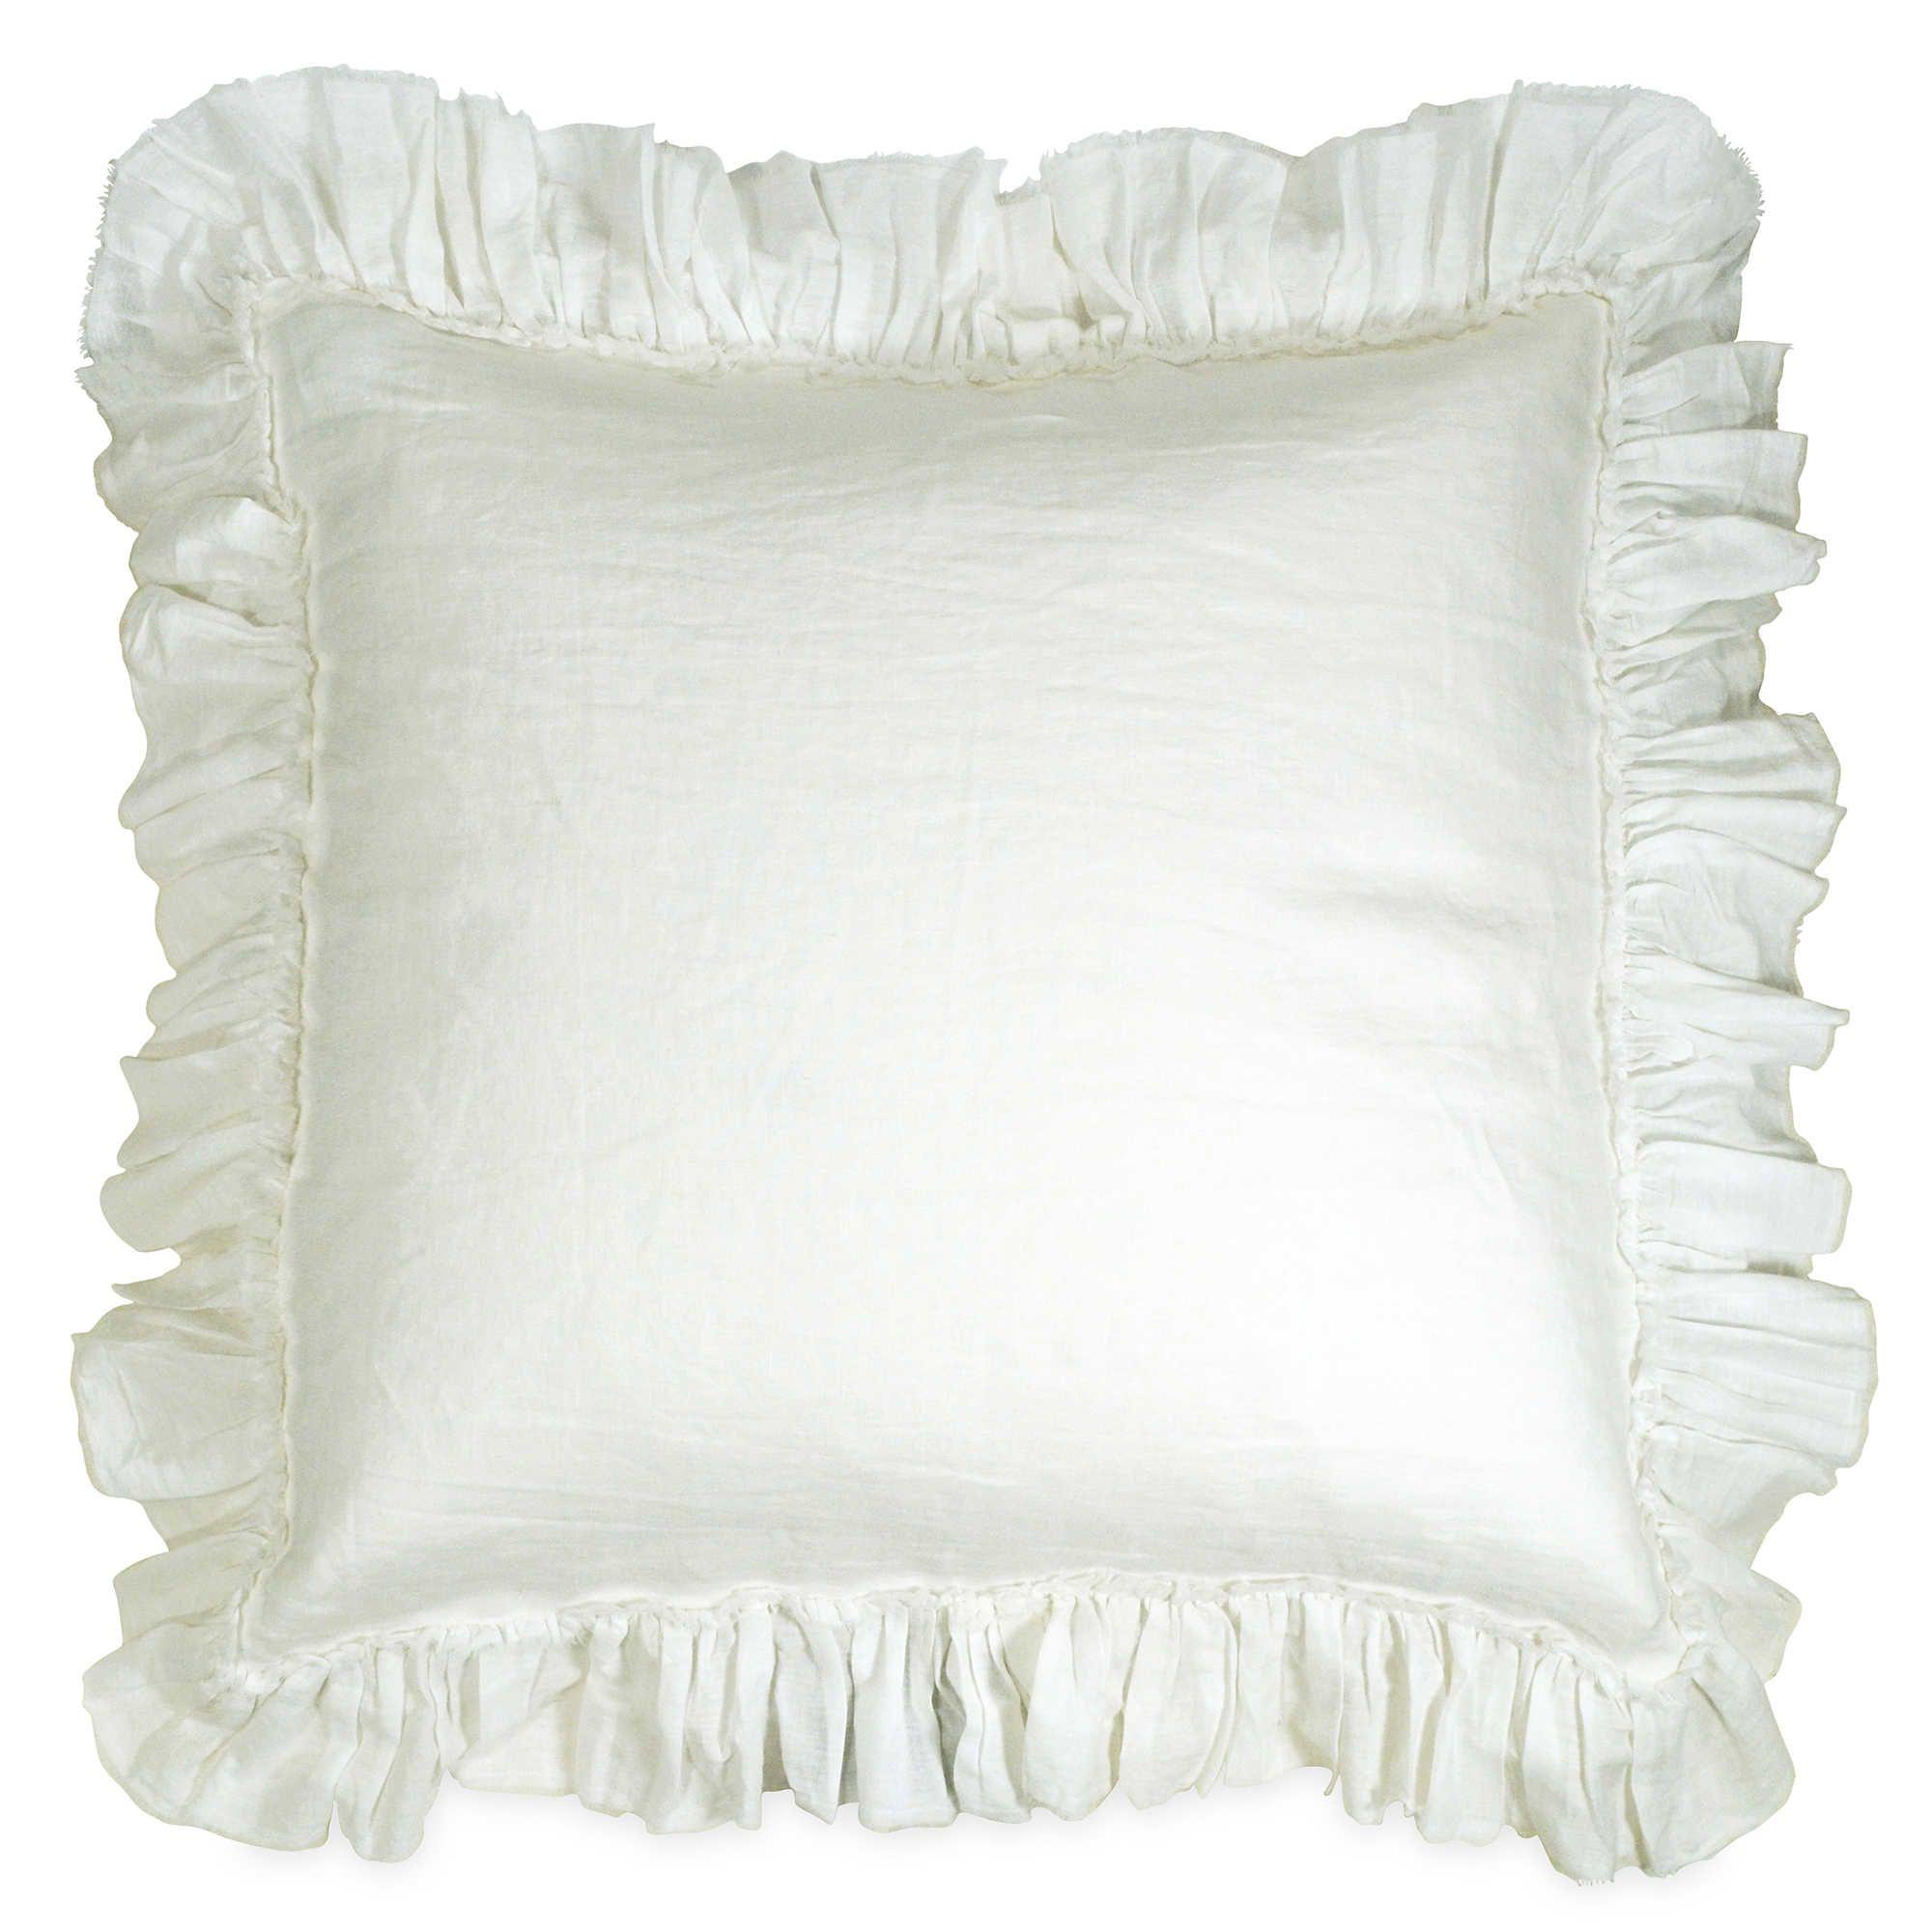 Wamsutta vintage washed linen european pillow sham 60 bed bath beyond